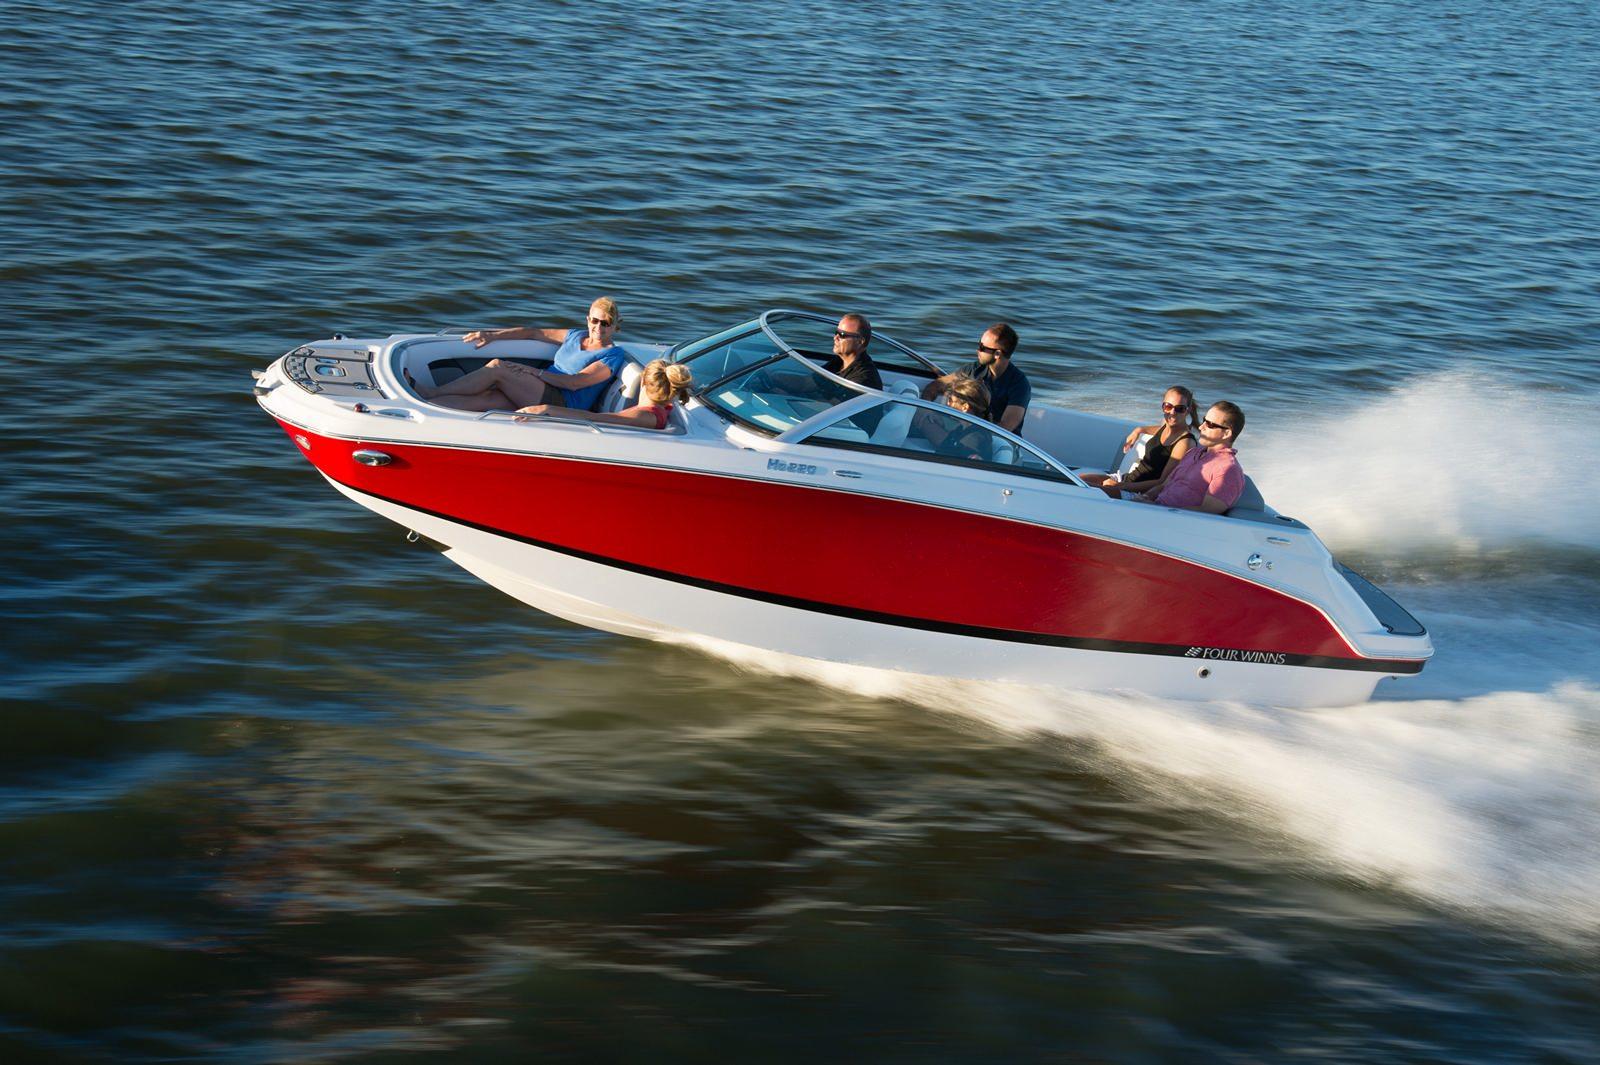 סירת מנוע (ספורט) Four Winns 220 - סטרים יאכטות